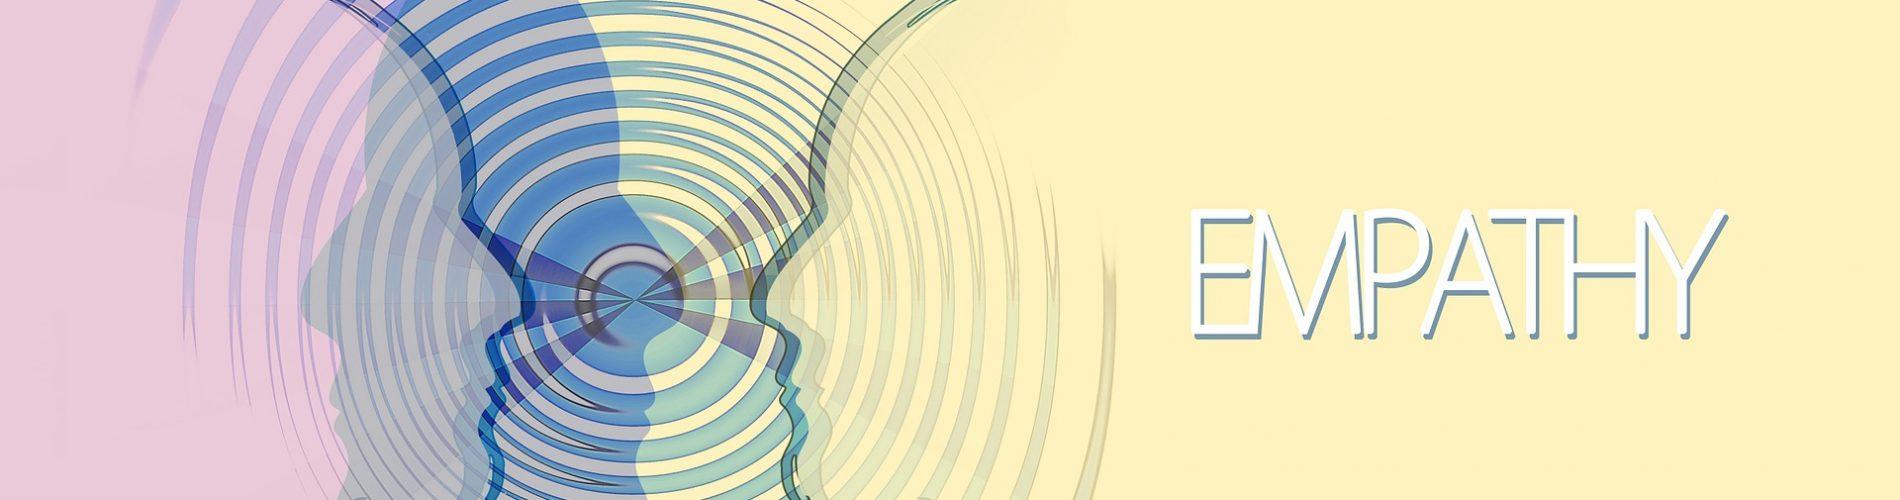 biblioteca-da-empatia-um-acervo-online-com-livros-e-filmes-sobre-o-tema